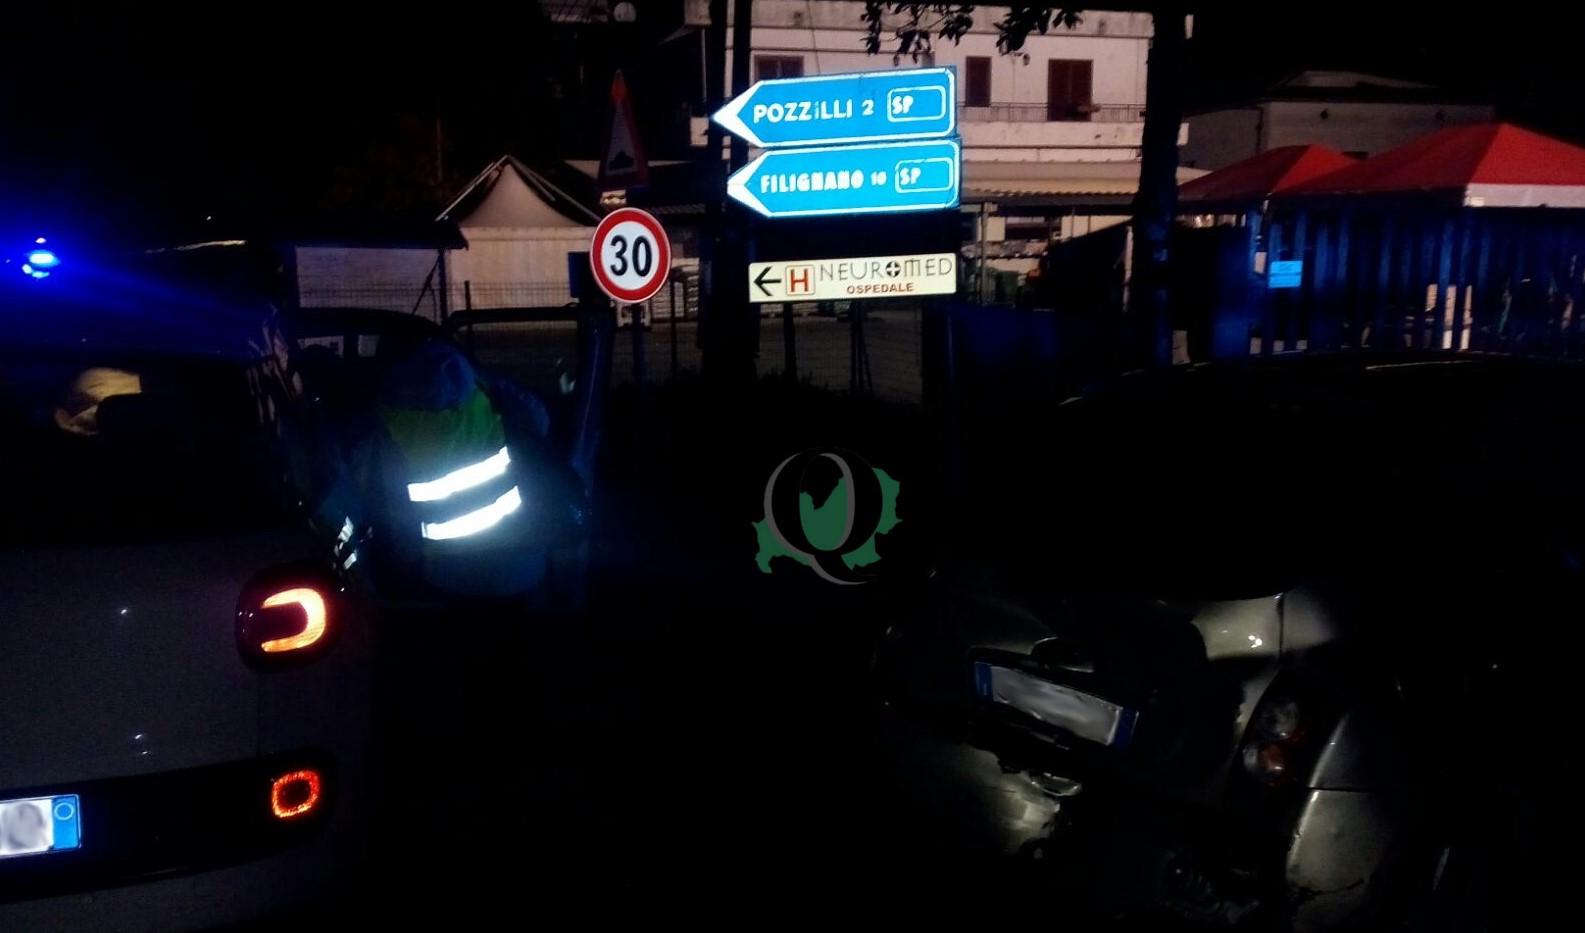 Tamponamento sulla SS 85 venafrana al bivio per Pozzilli, tre le auto coinvolte